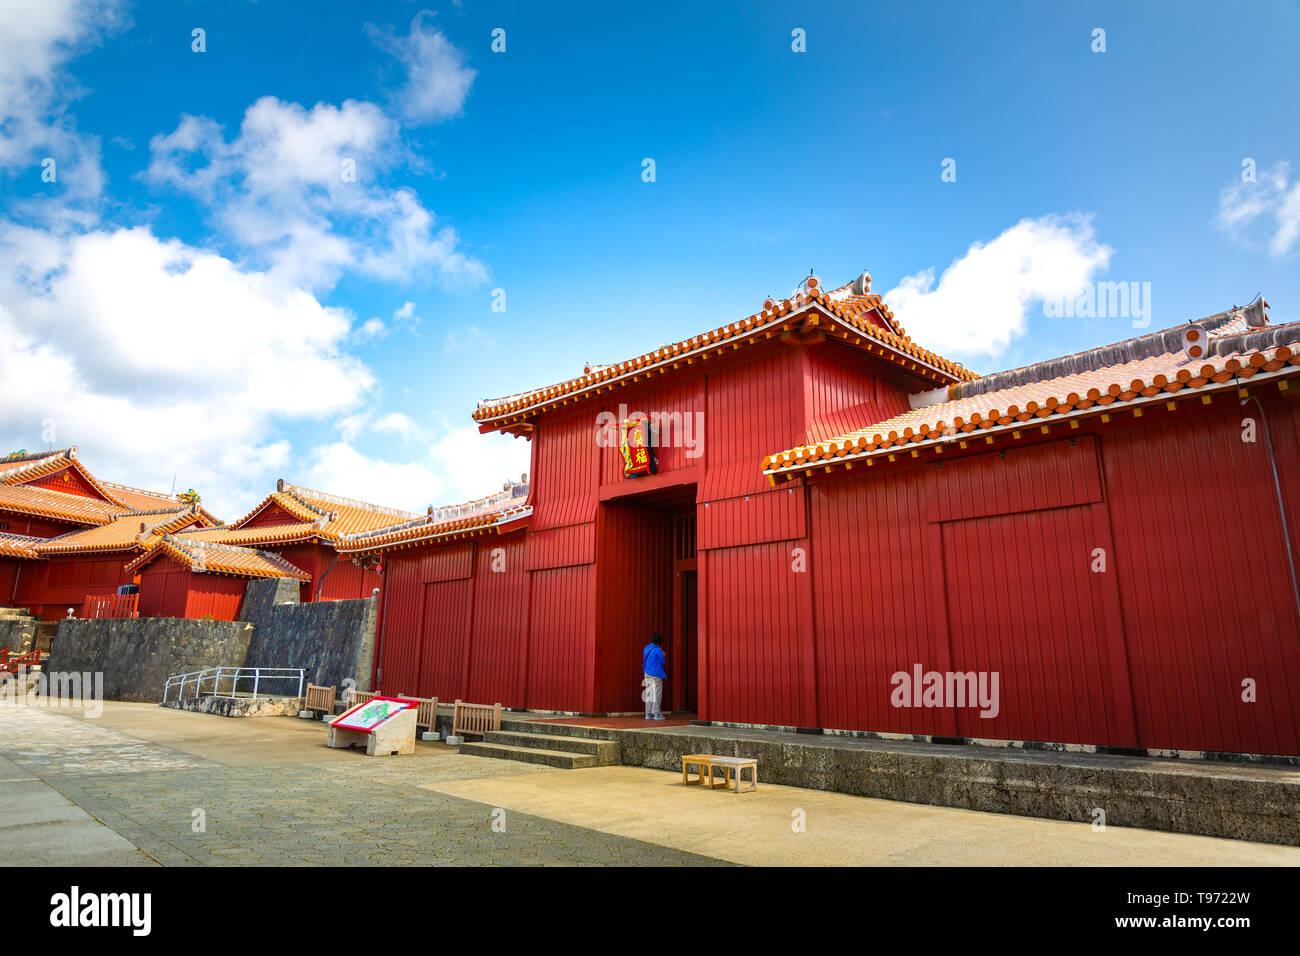 Shureimon porte dans château Shuri à Okinawa, au Japon. La tablette en bois qui orne le gate dispose de caractères chinois qui veut dire terre d'Opportunité Banque D'Images